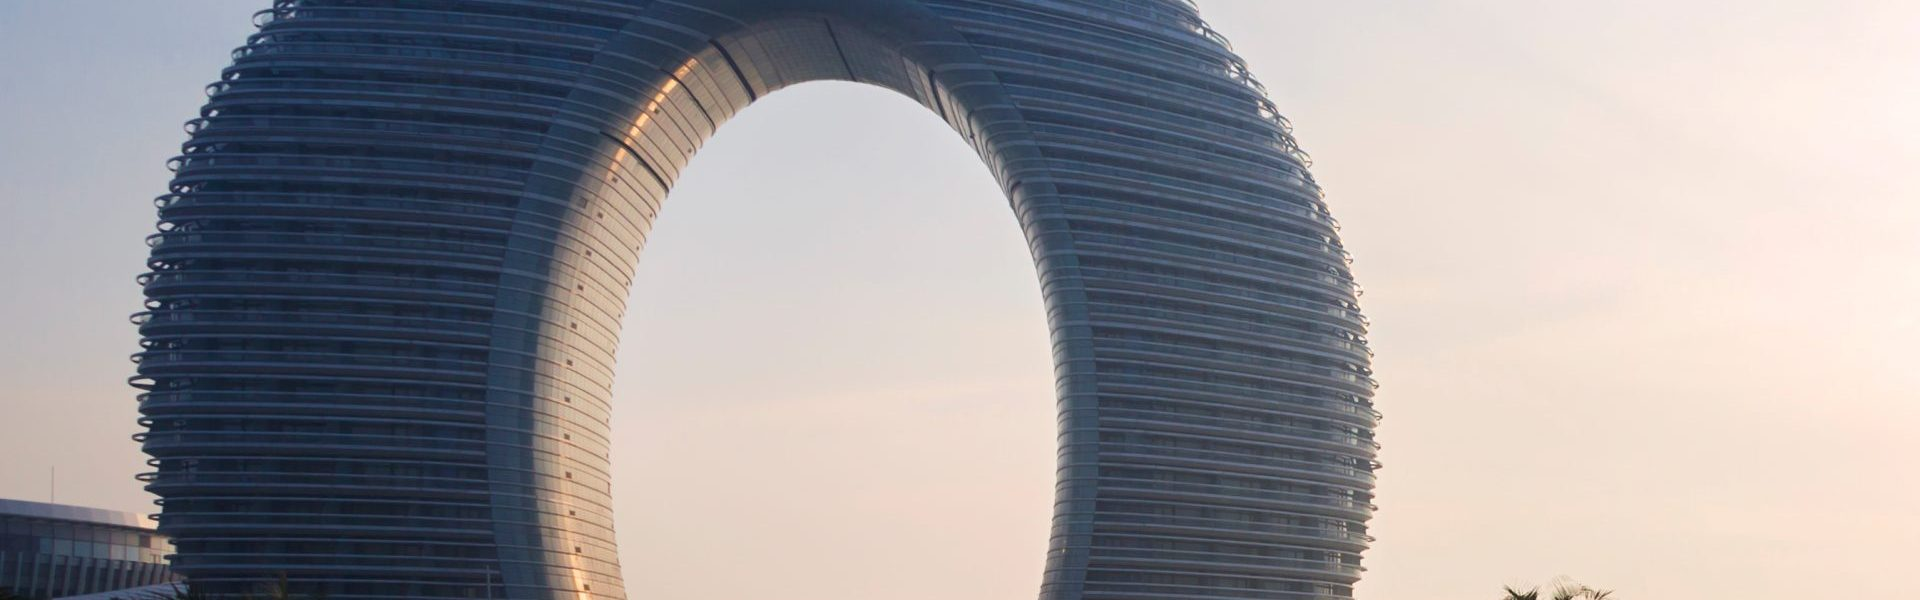 The sheraton huzhou in zhejiang province and city construction